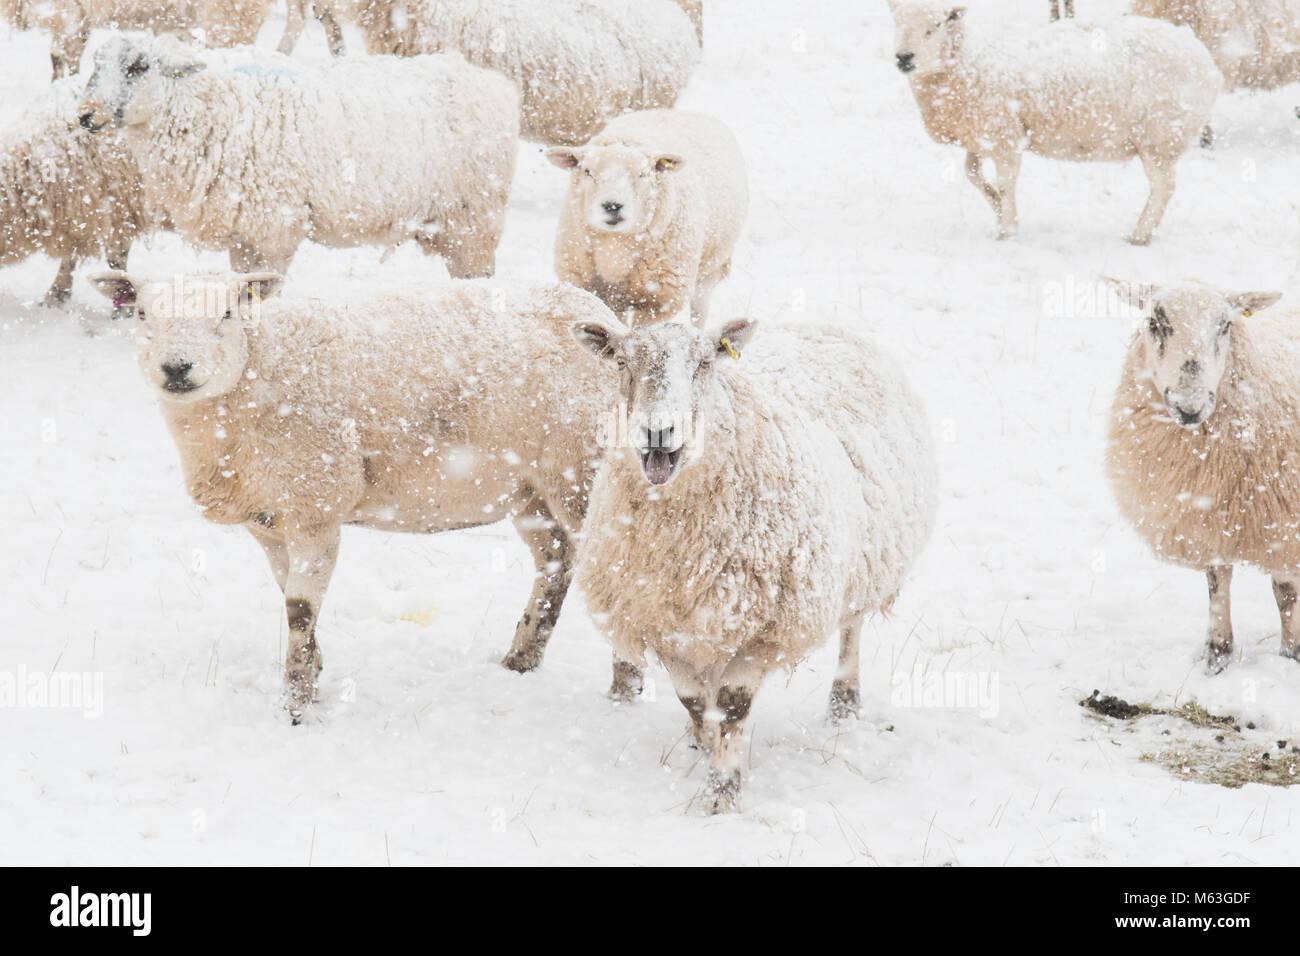 Balfron, Stirlingshire, Schottland, UK. 28 Feb, 2018. UK Wetter - Schafe in der Hoffnung auf Nahrung bei starkem Stockbild